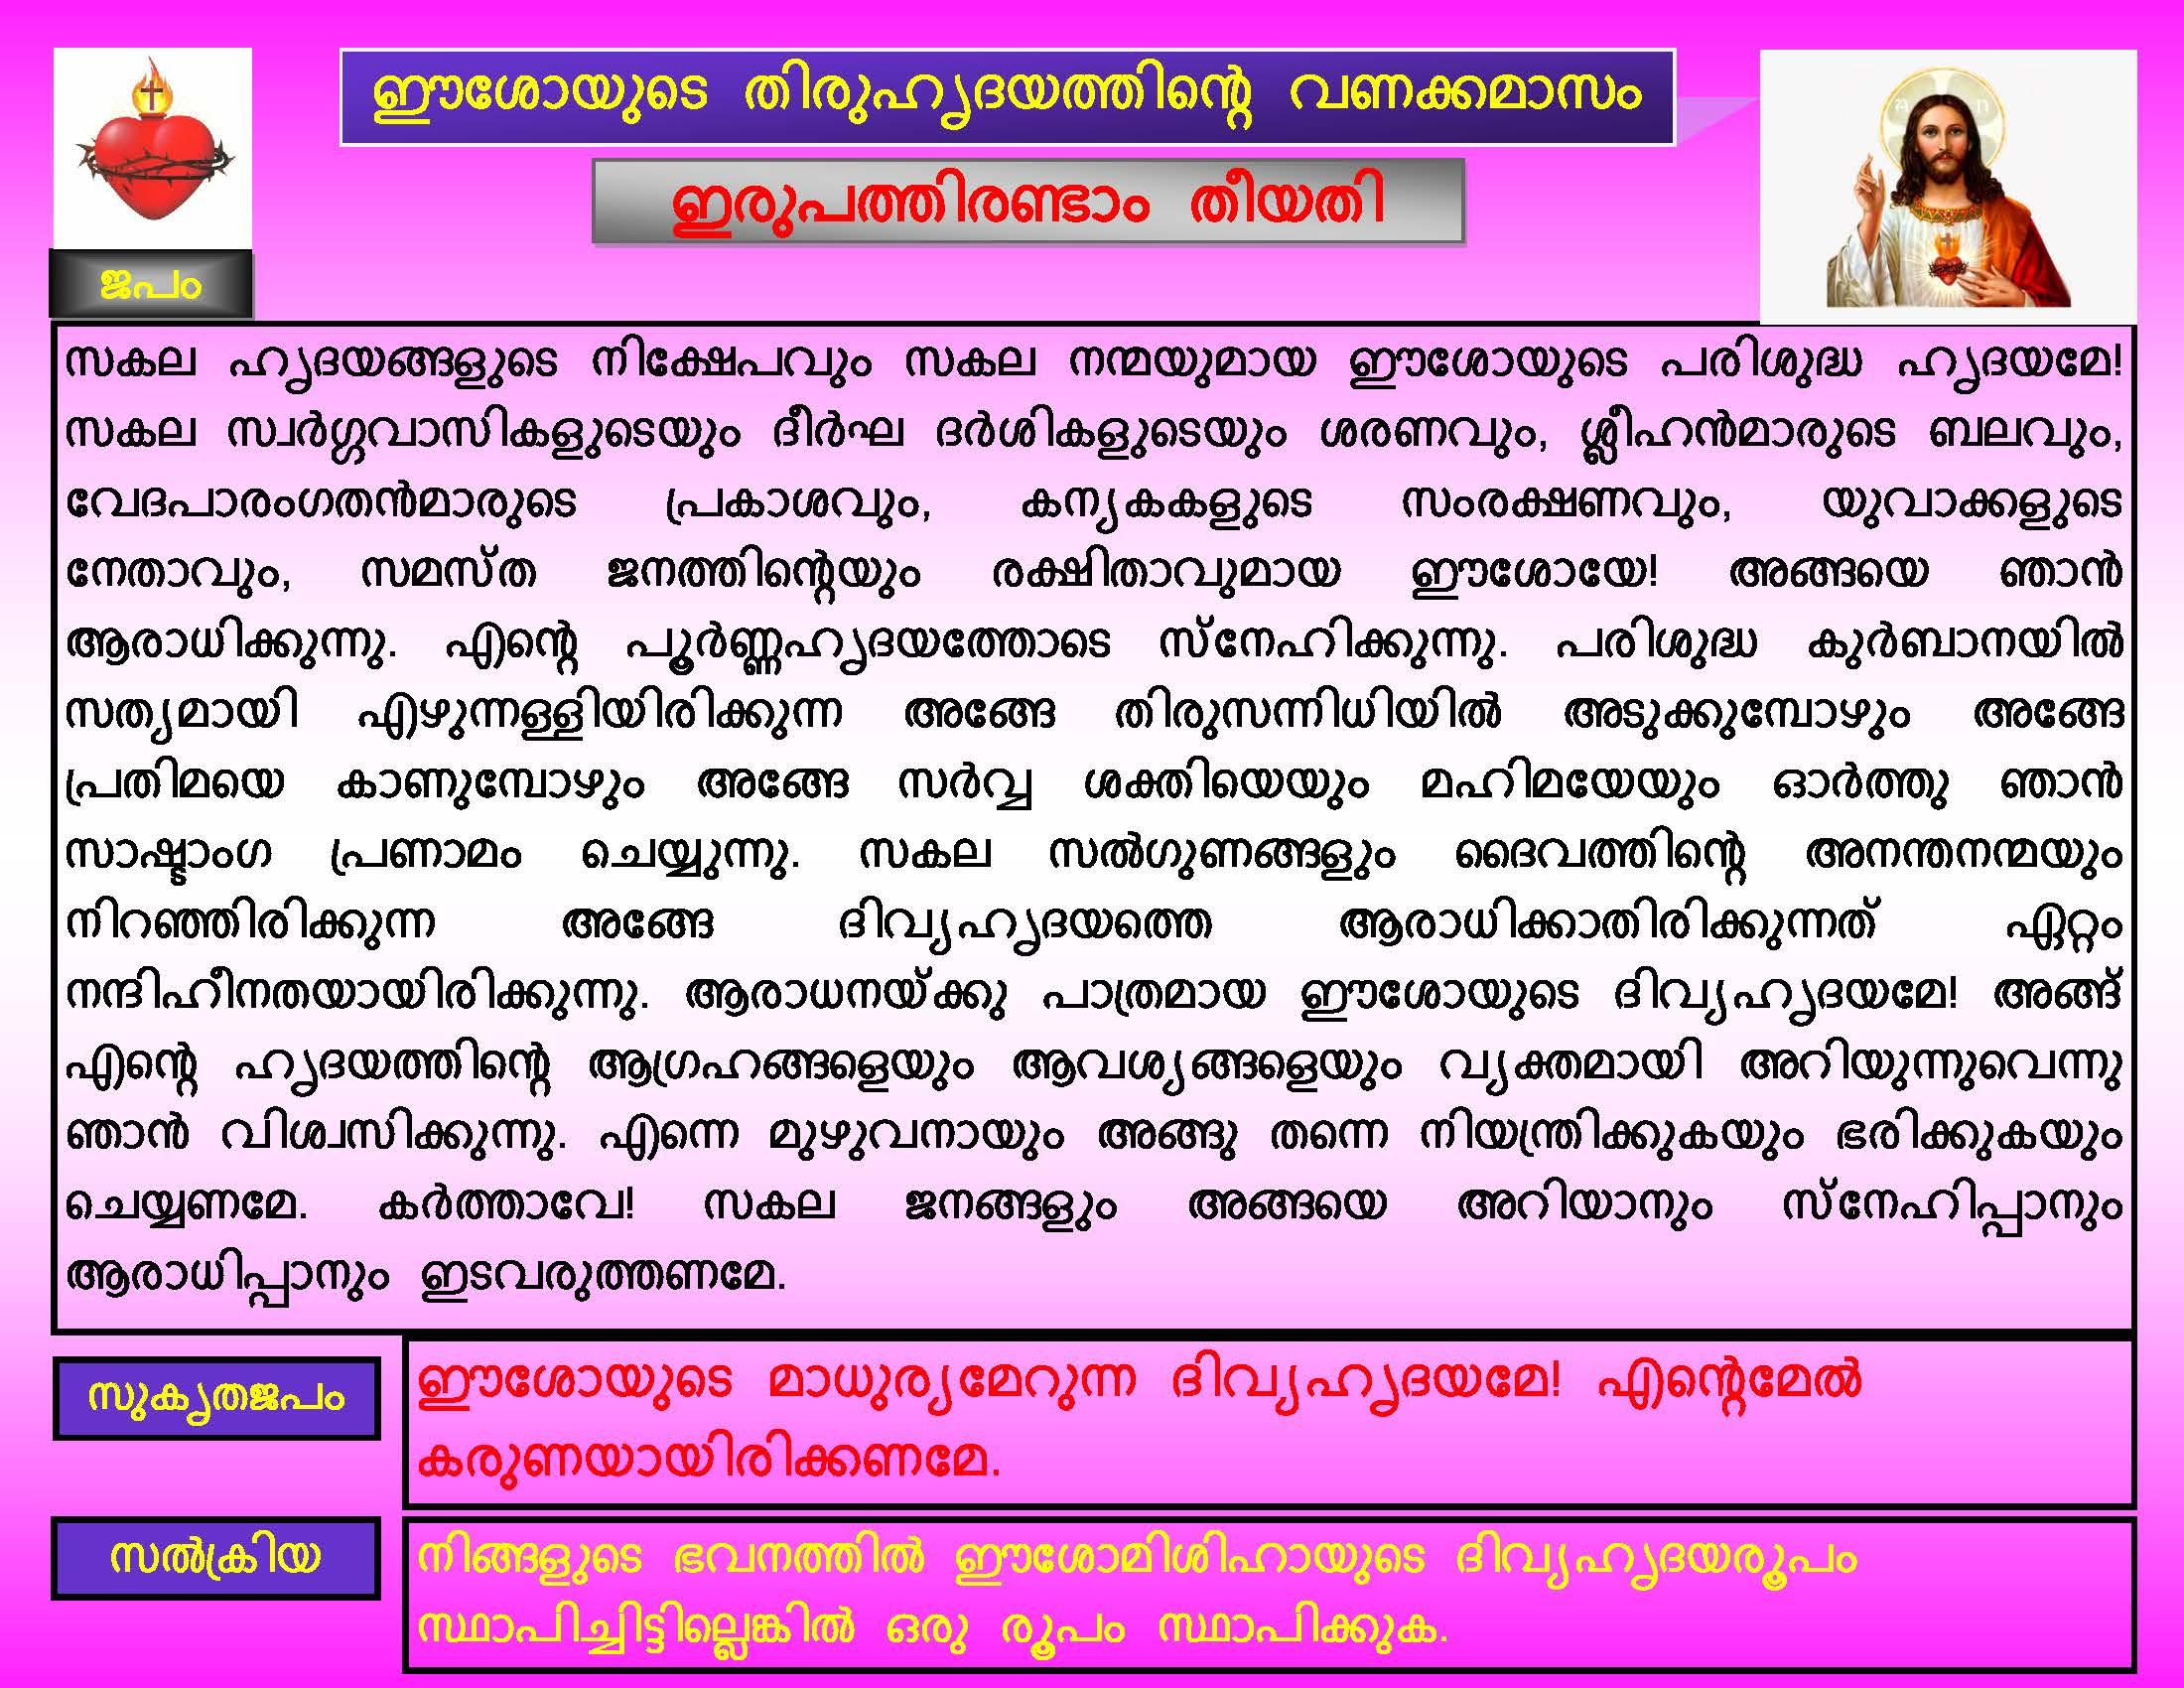 Thiruhrudaya Vanakkamasam - Day 22